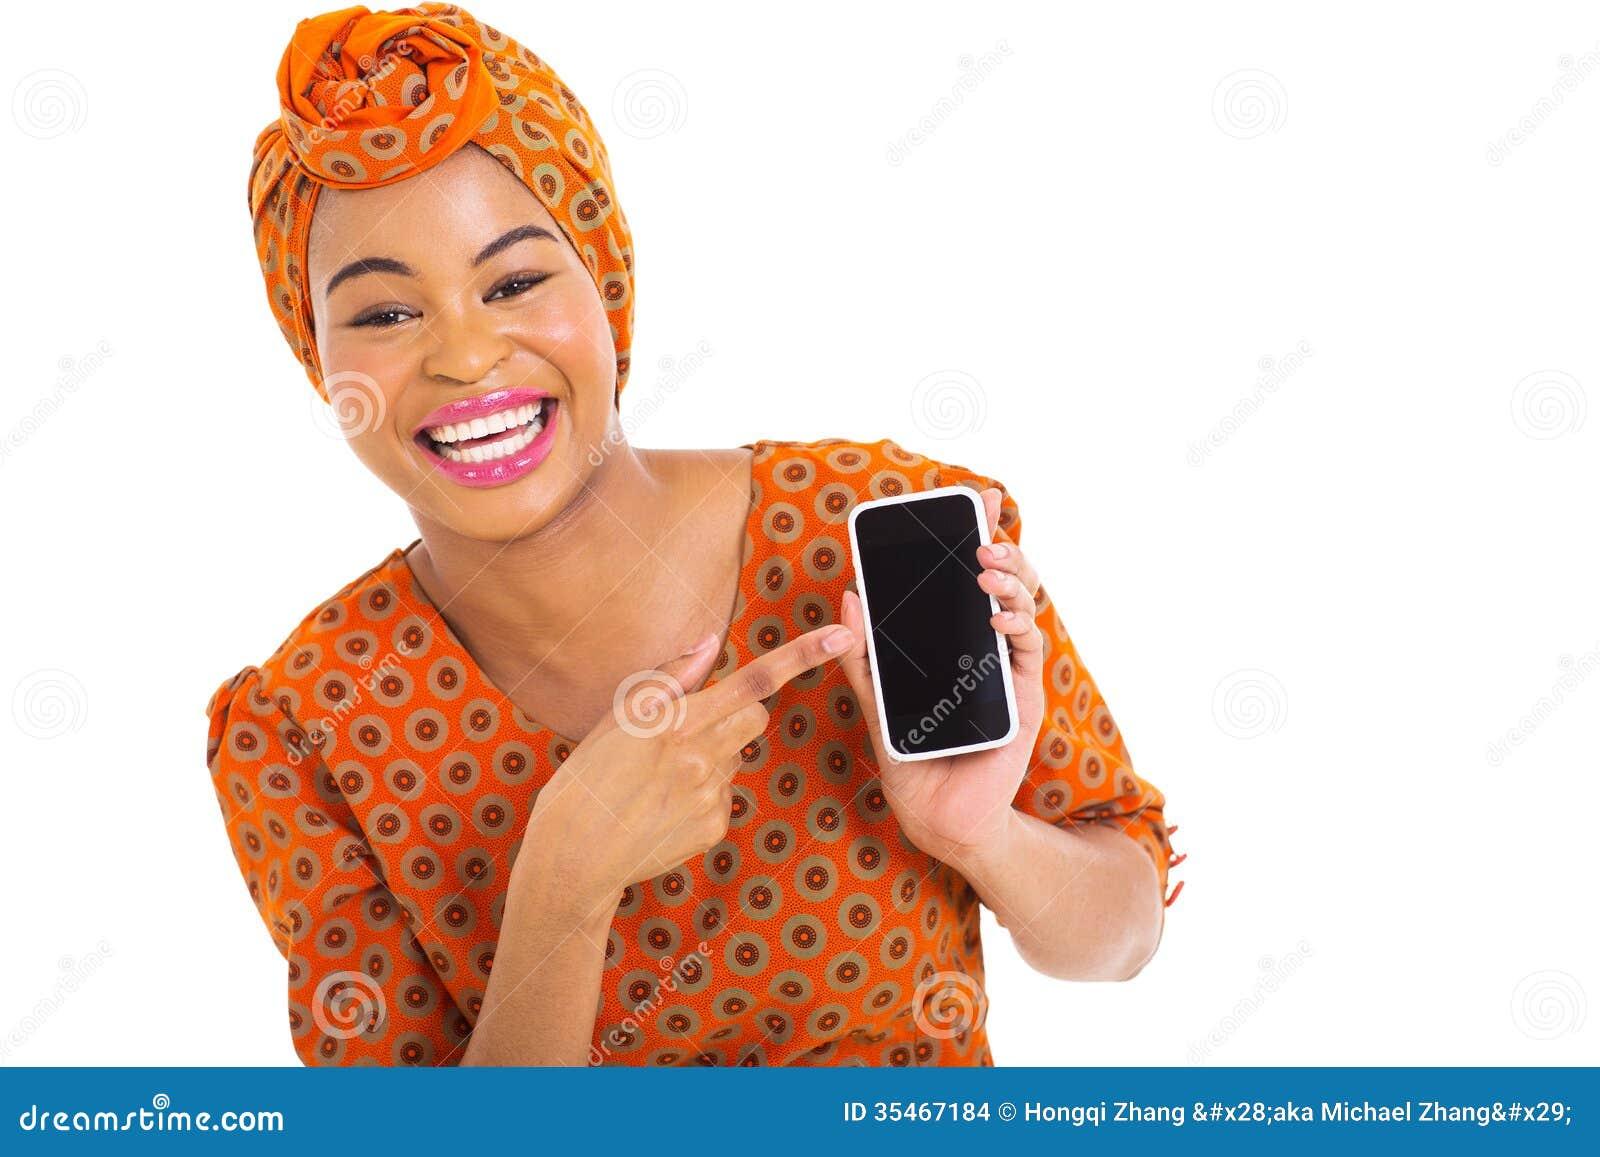 Afrikaanse meisjes slimme telefoon